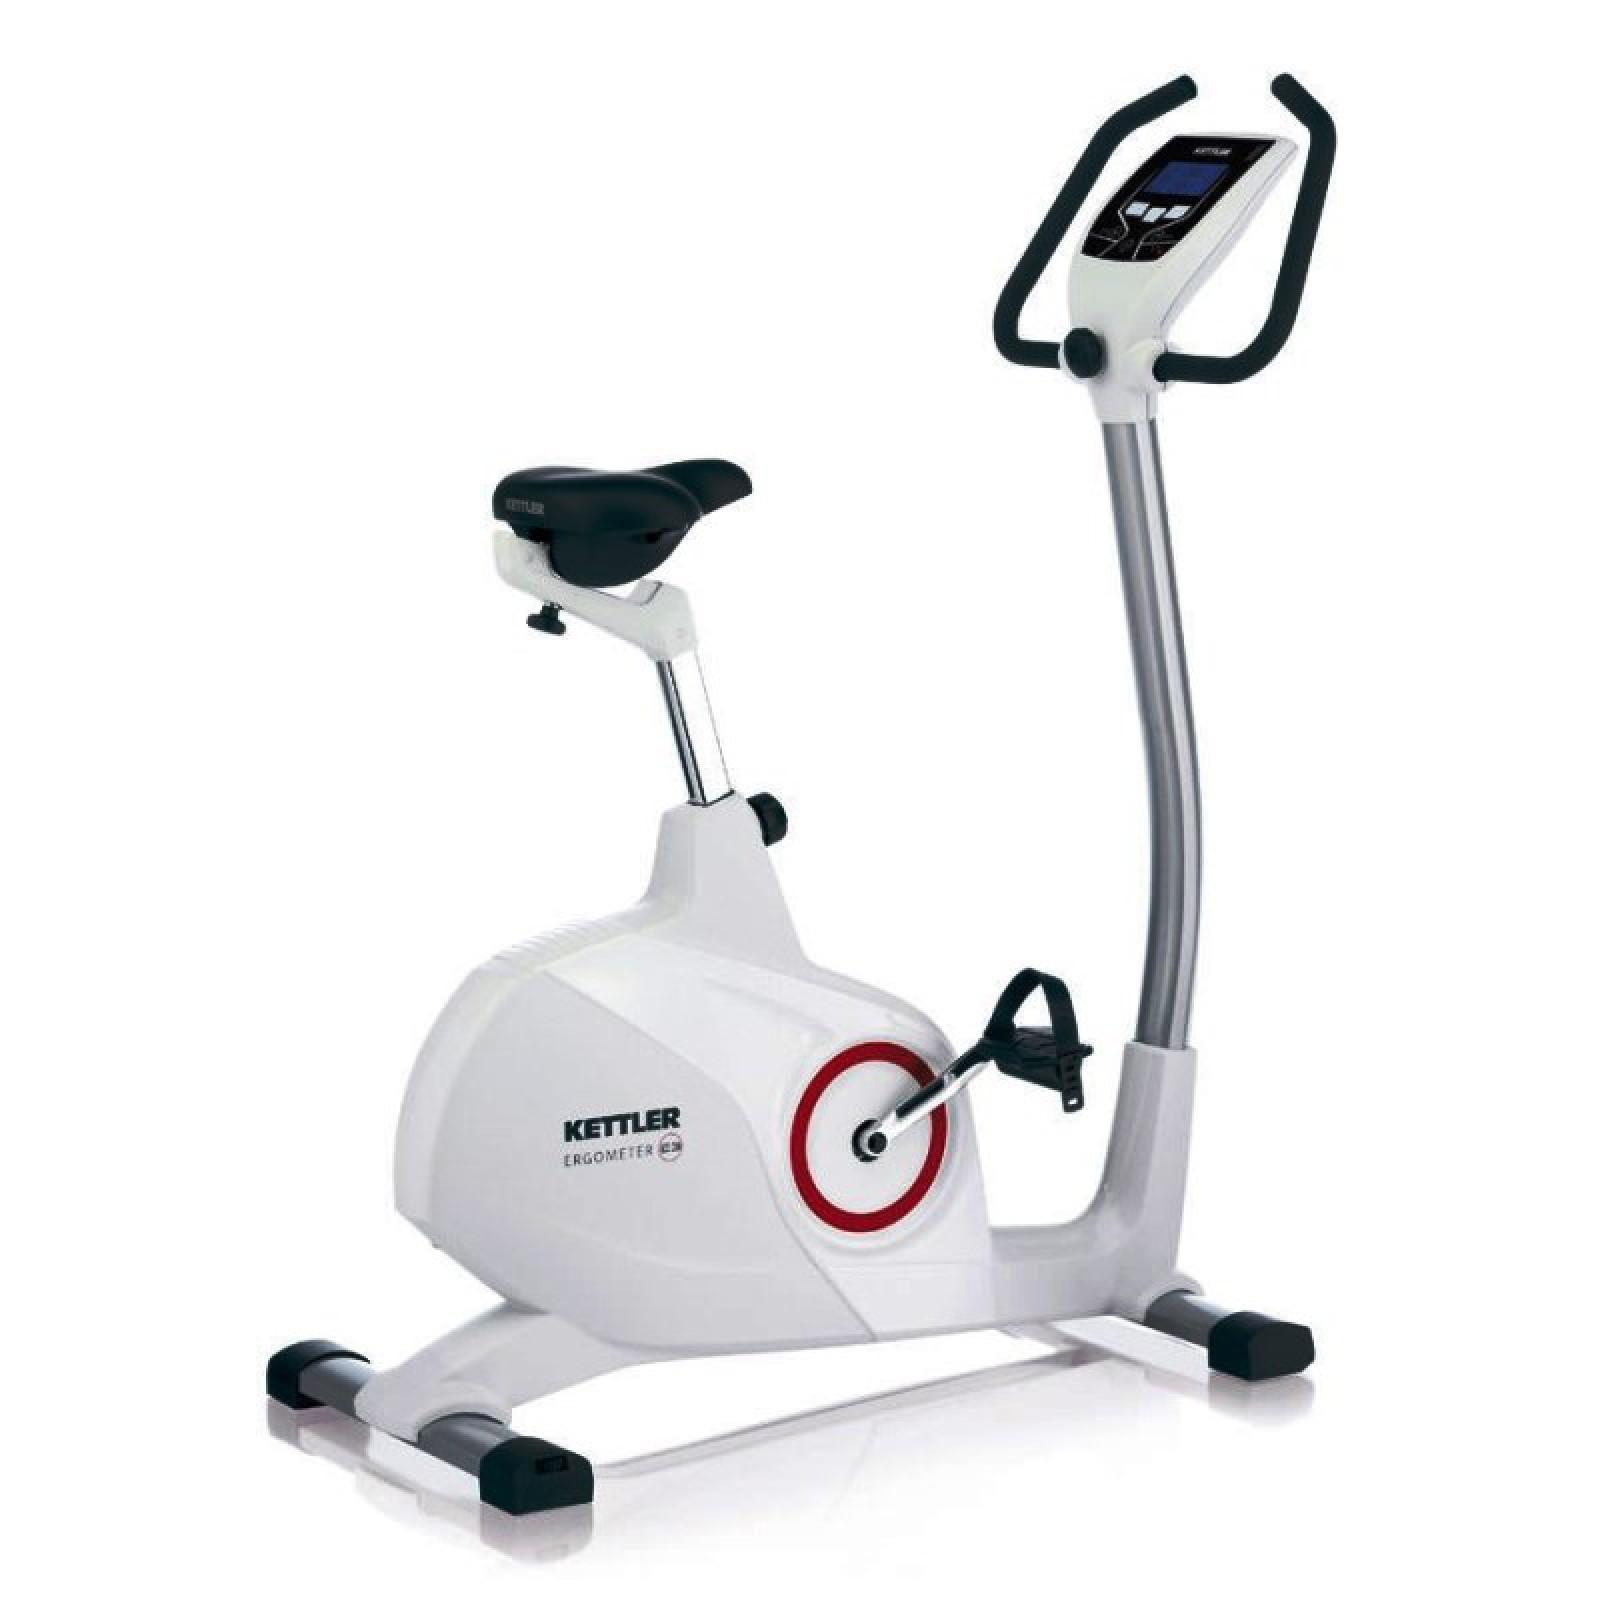 Kettler E3 ergométer (szobakerékpár)